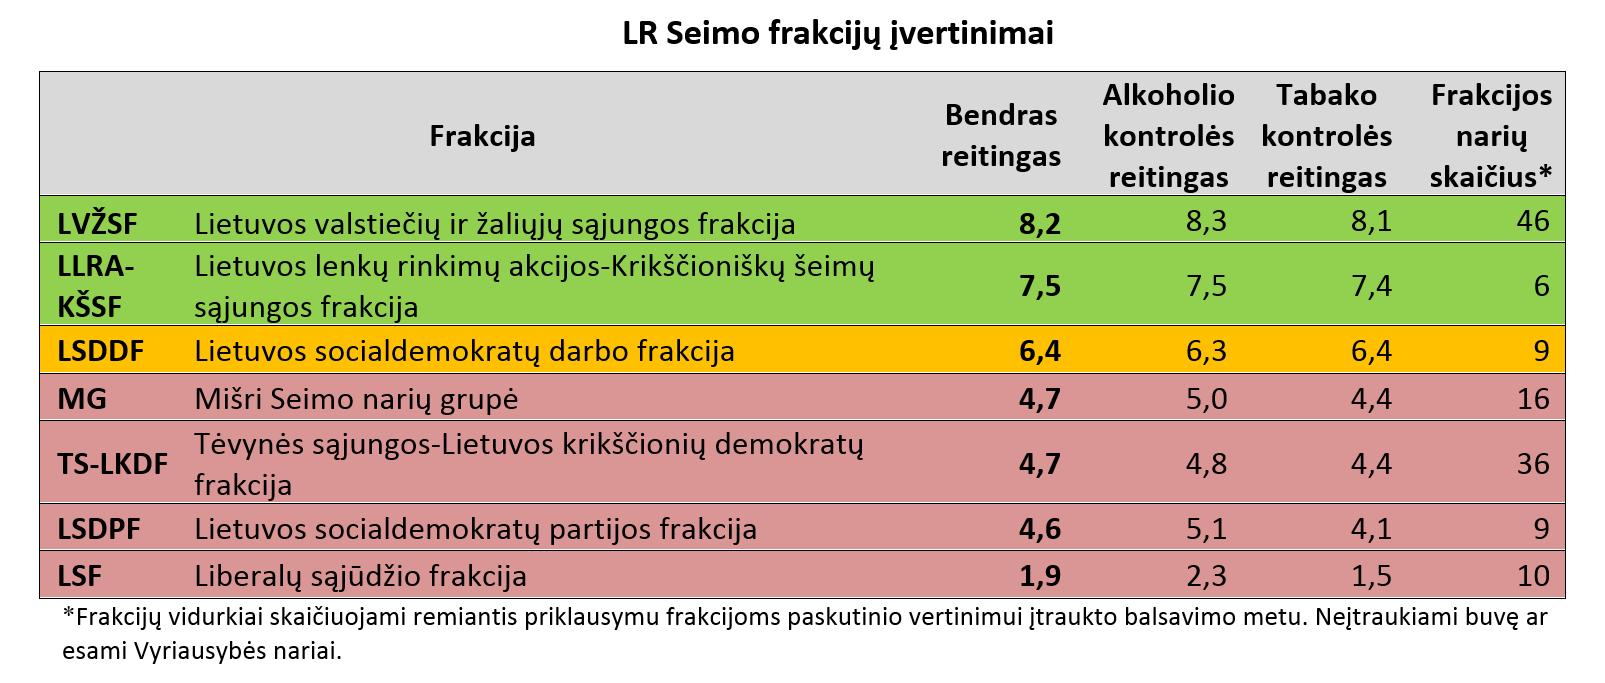 LR Seimo partijų įvertinimai | ntakk.lt nuotr.